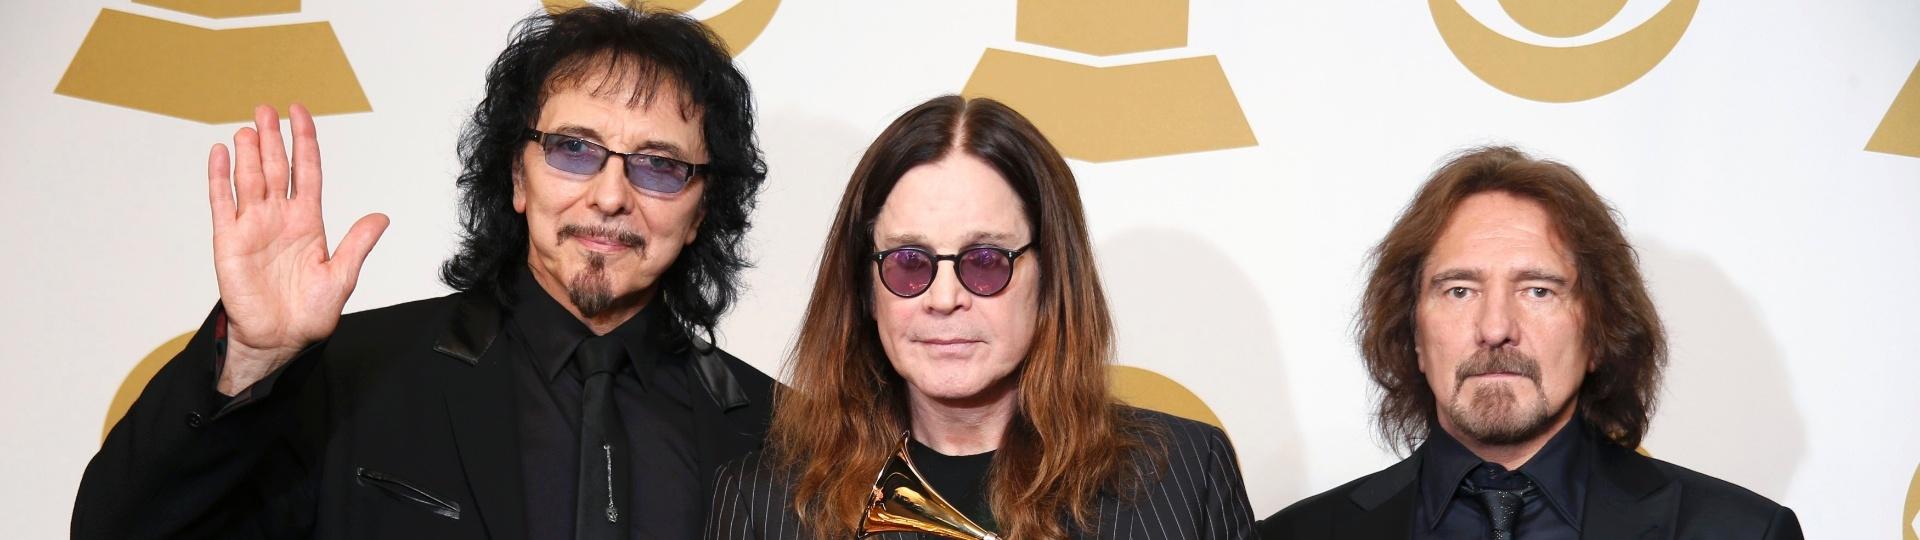 26.jan.2014 - Tony Iommi, Ozzy Osbourne e Geezer Butler, trio do Black Sabbath, levaram a categoria de melhor performance de metal por